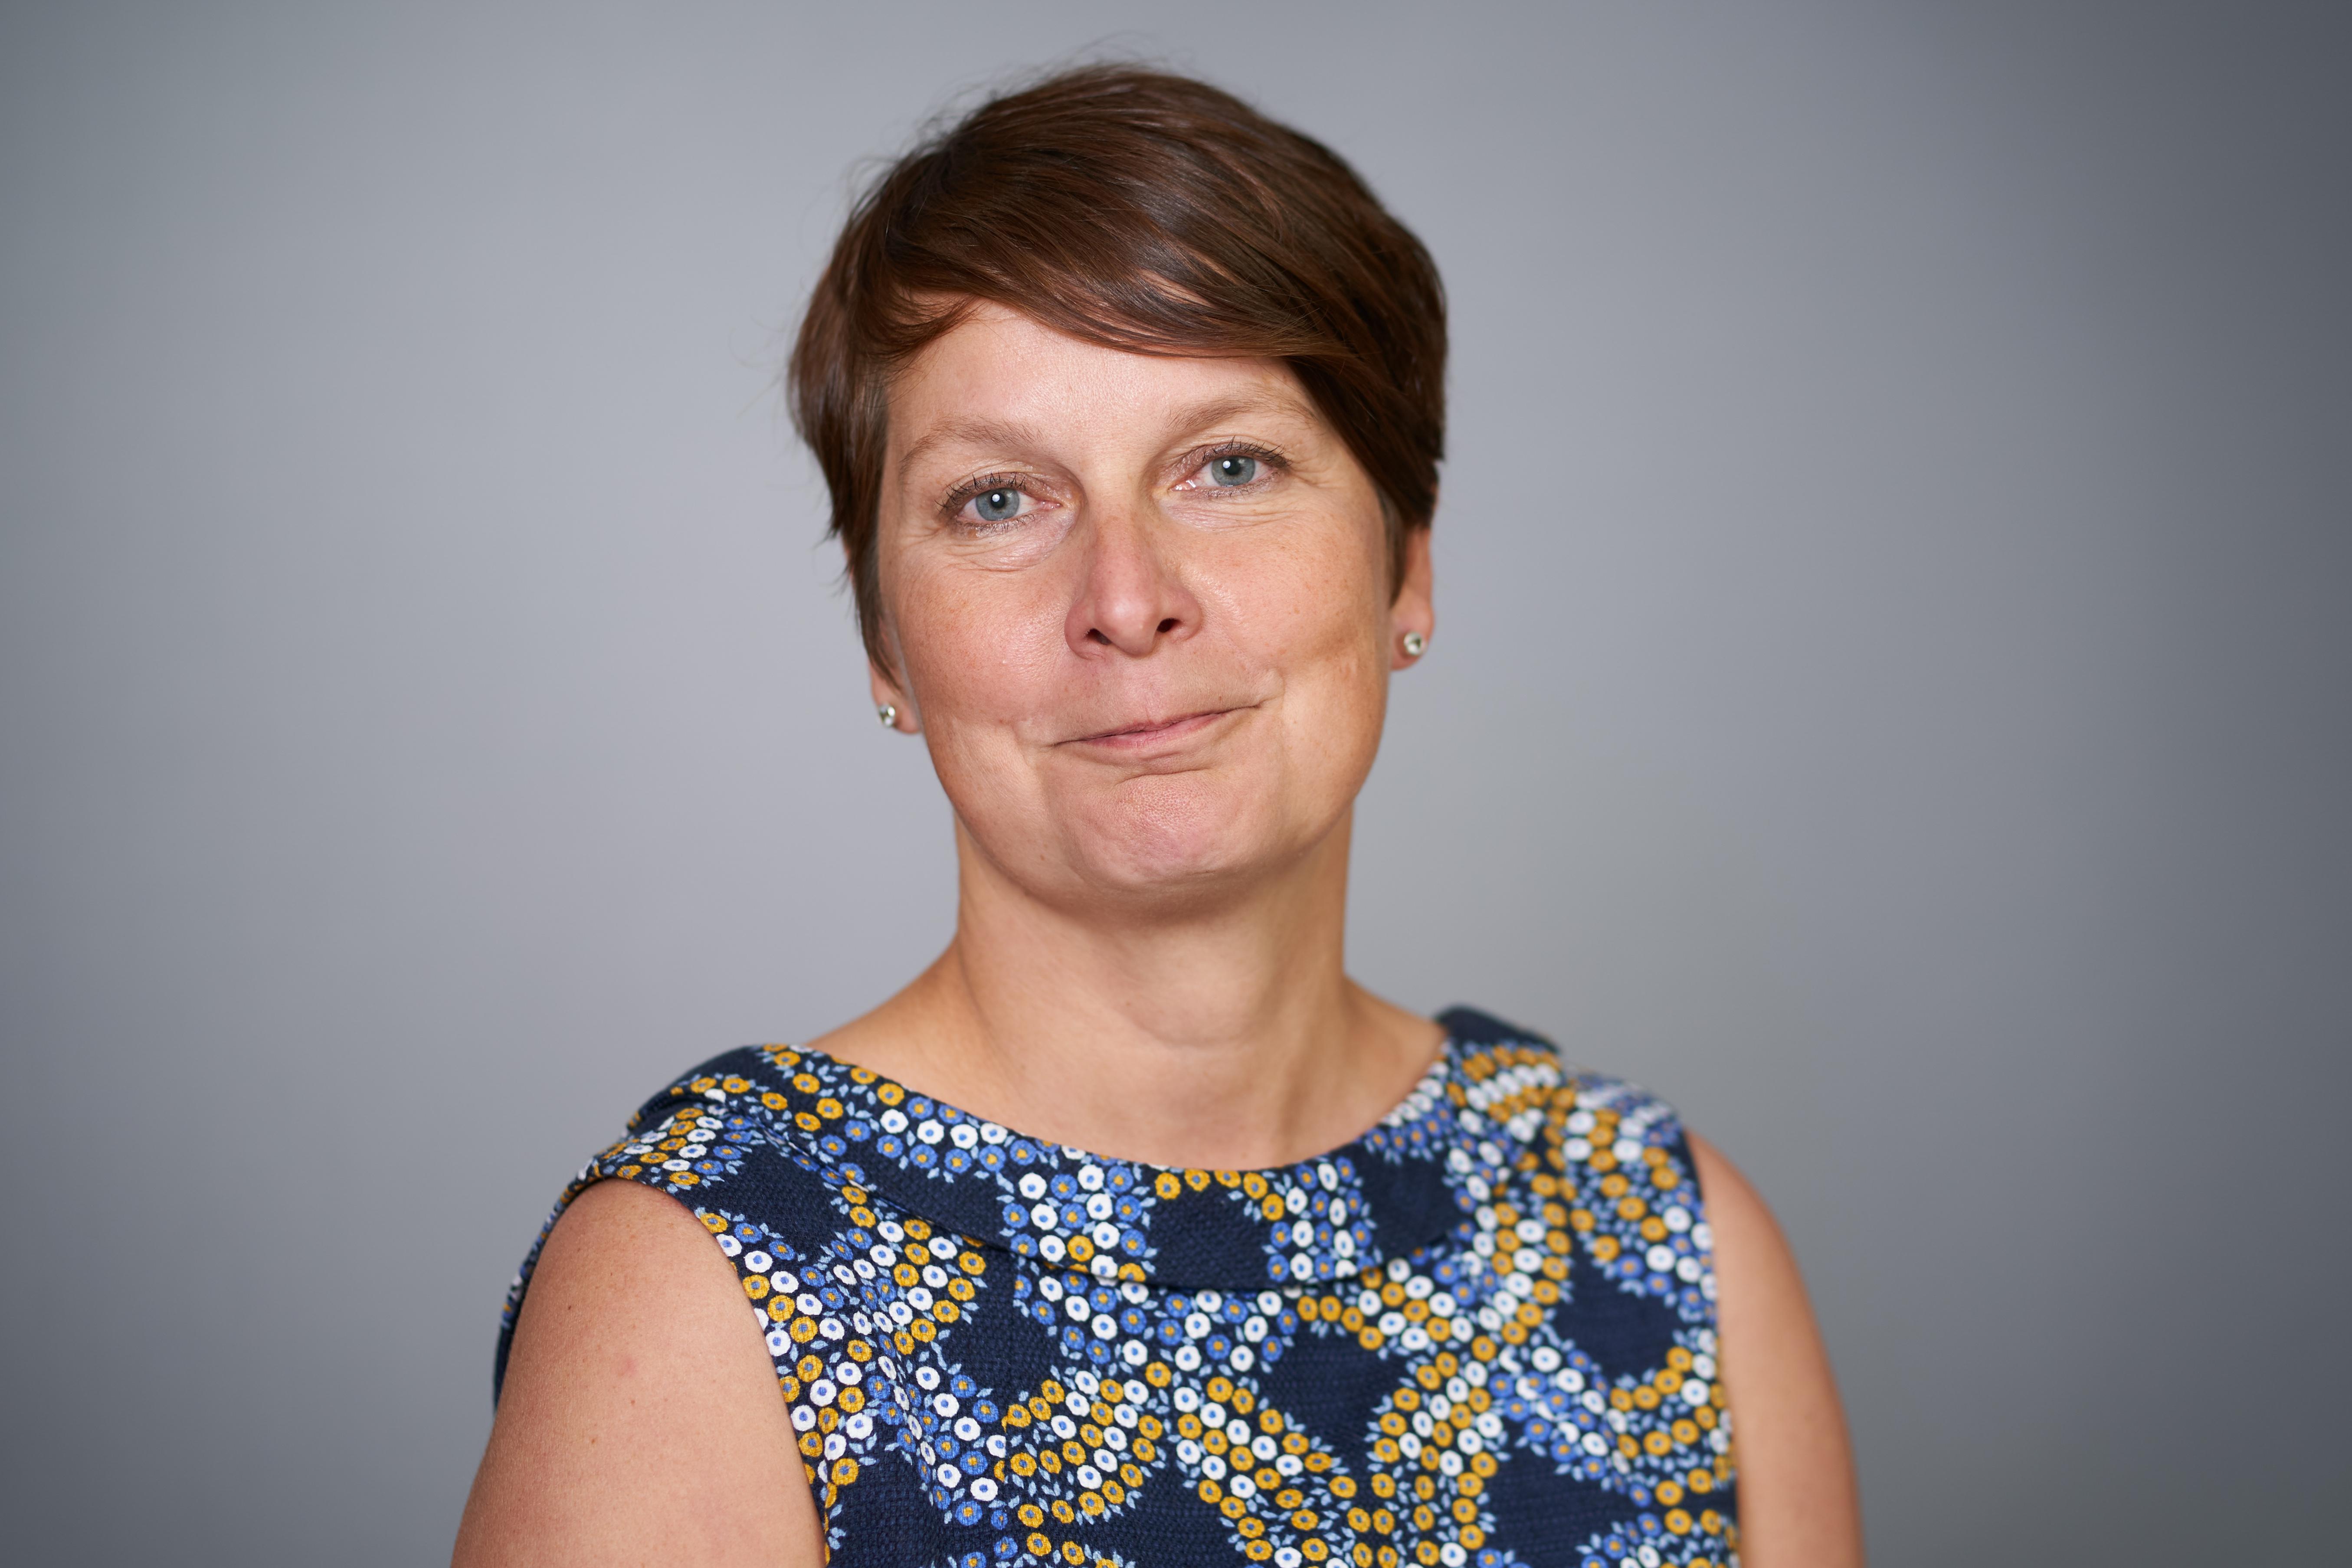 Cojur-työryhmän puheenjohtaja, oikeuspäällikkö Kaija Suvanto. Kuva: Kimmo Räisänen